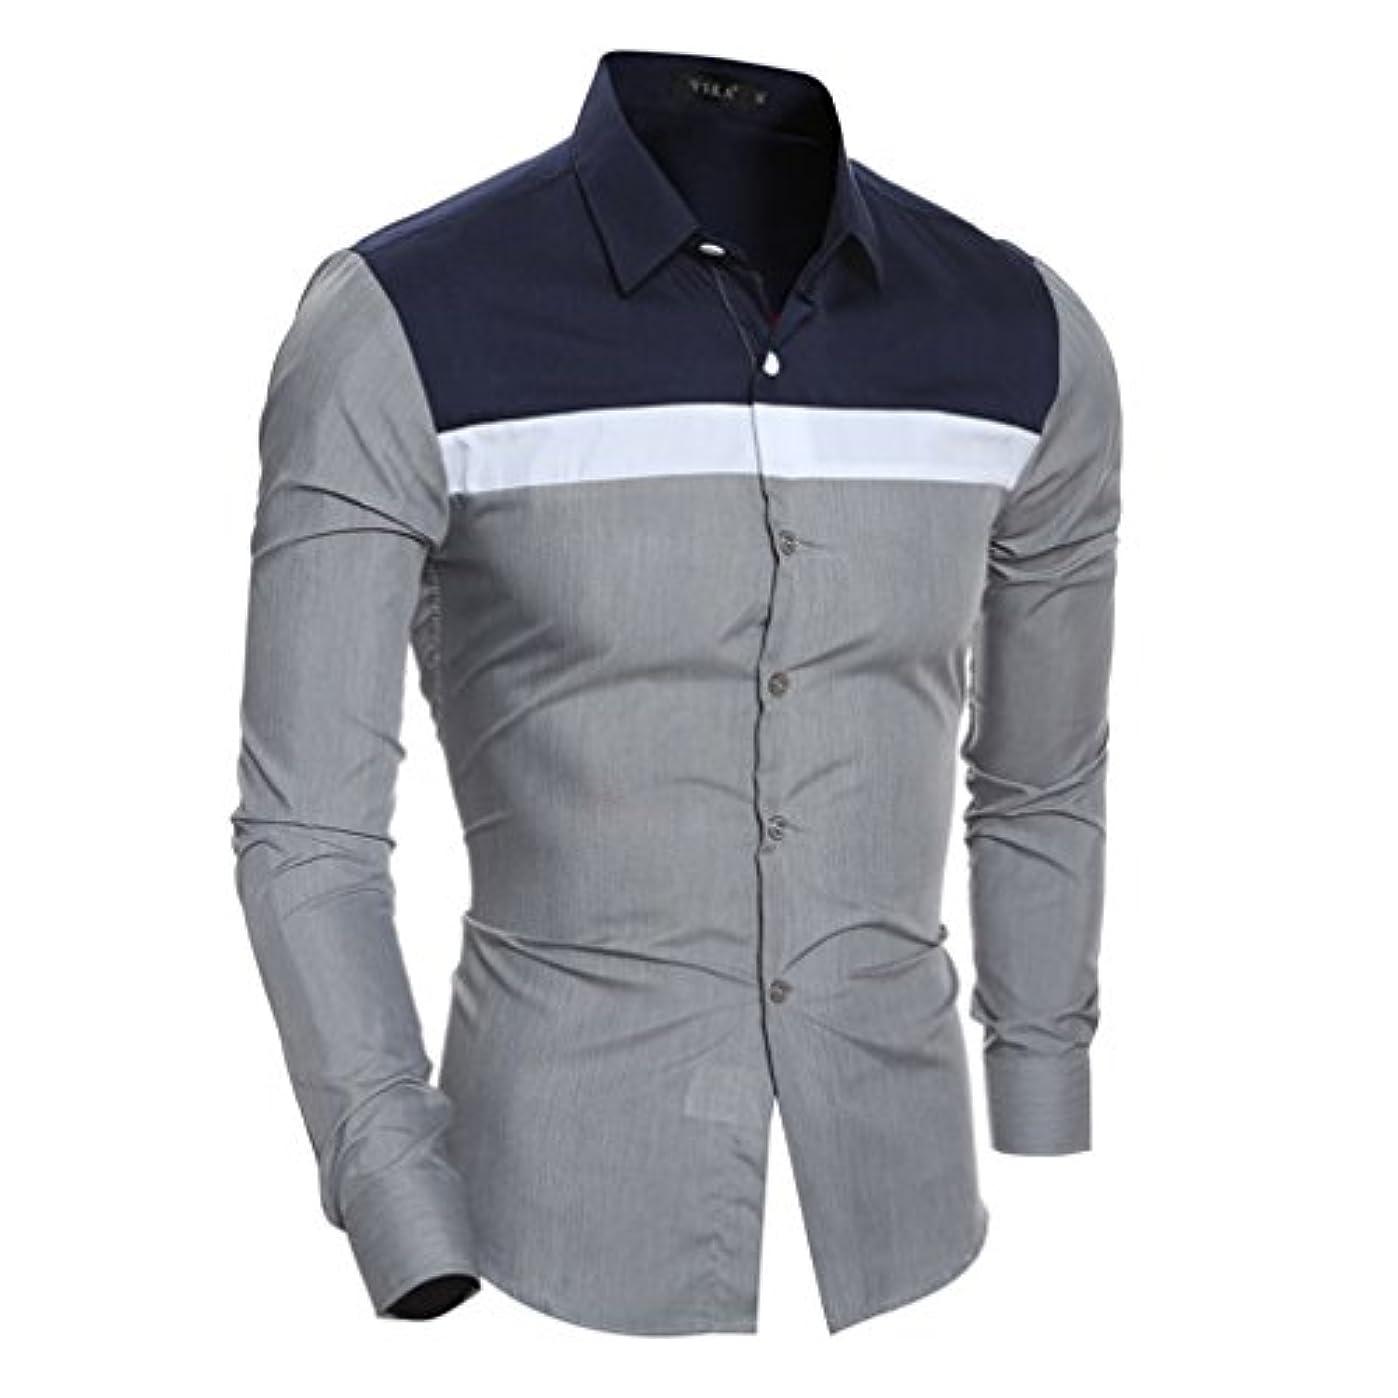 待つ官僚困難Honghu メンズ シャツ 長袖 3Dプリント カラー切り替え カジュアル スリム グレー 2XL 1PC